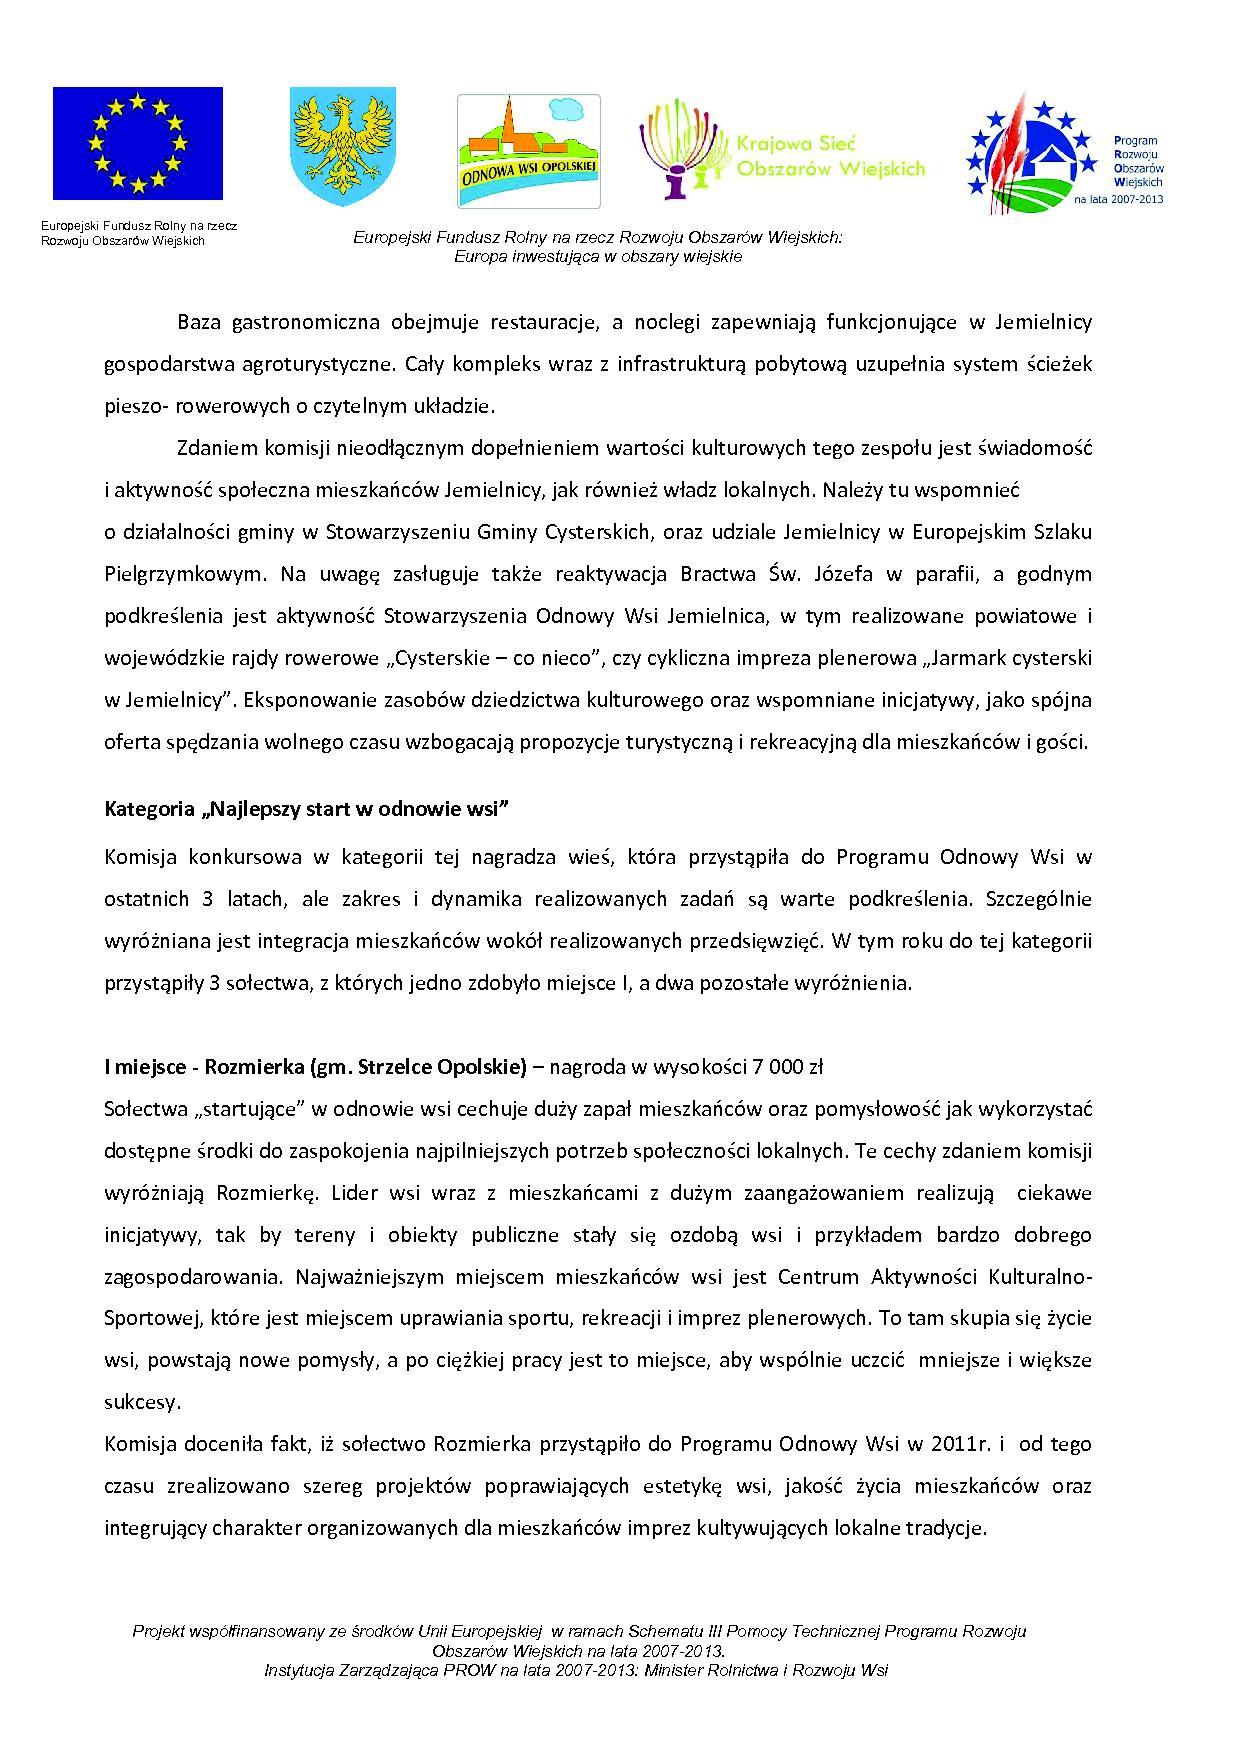 Komunikat Komisji Konkursowej_Jemielnica2.jpeg